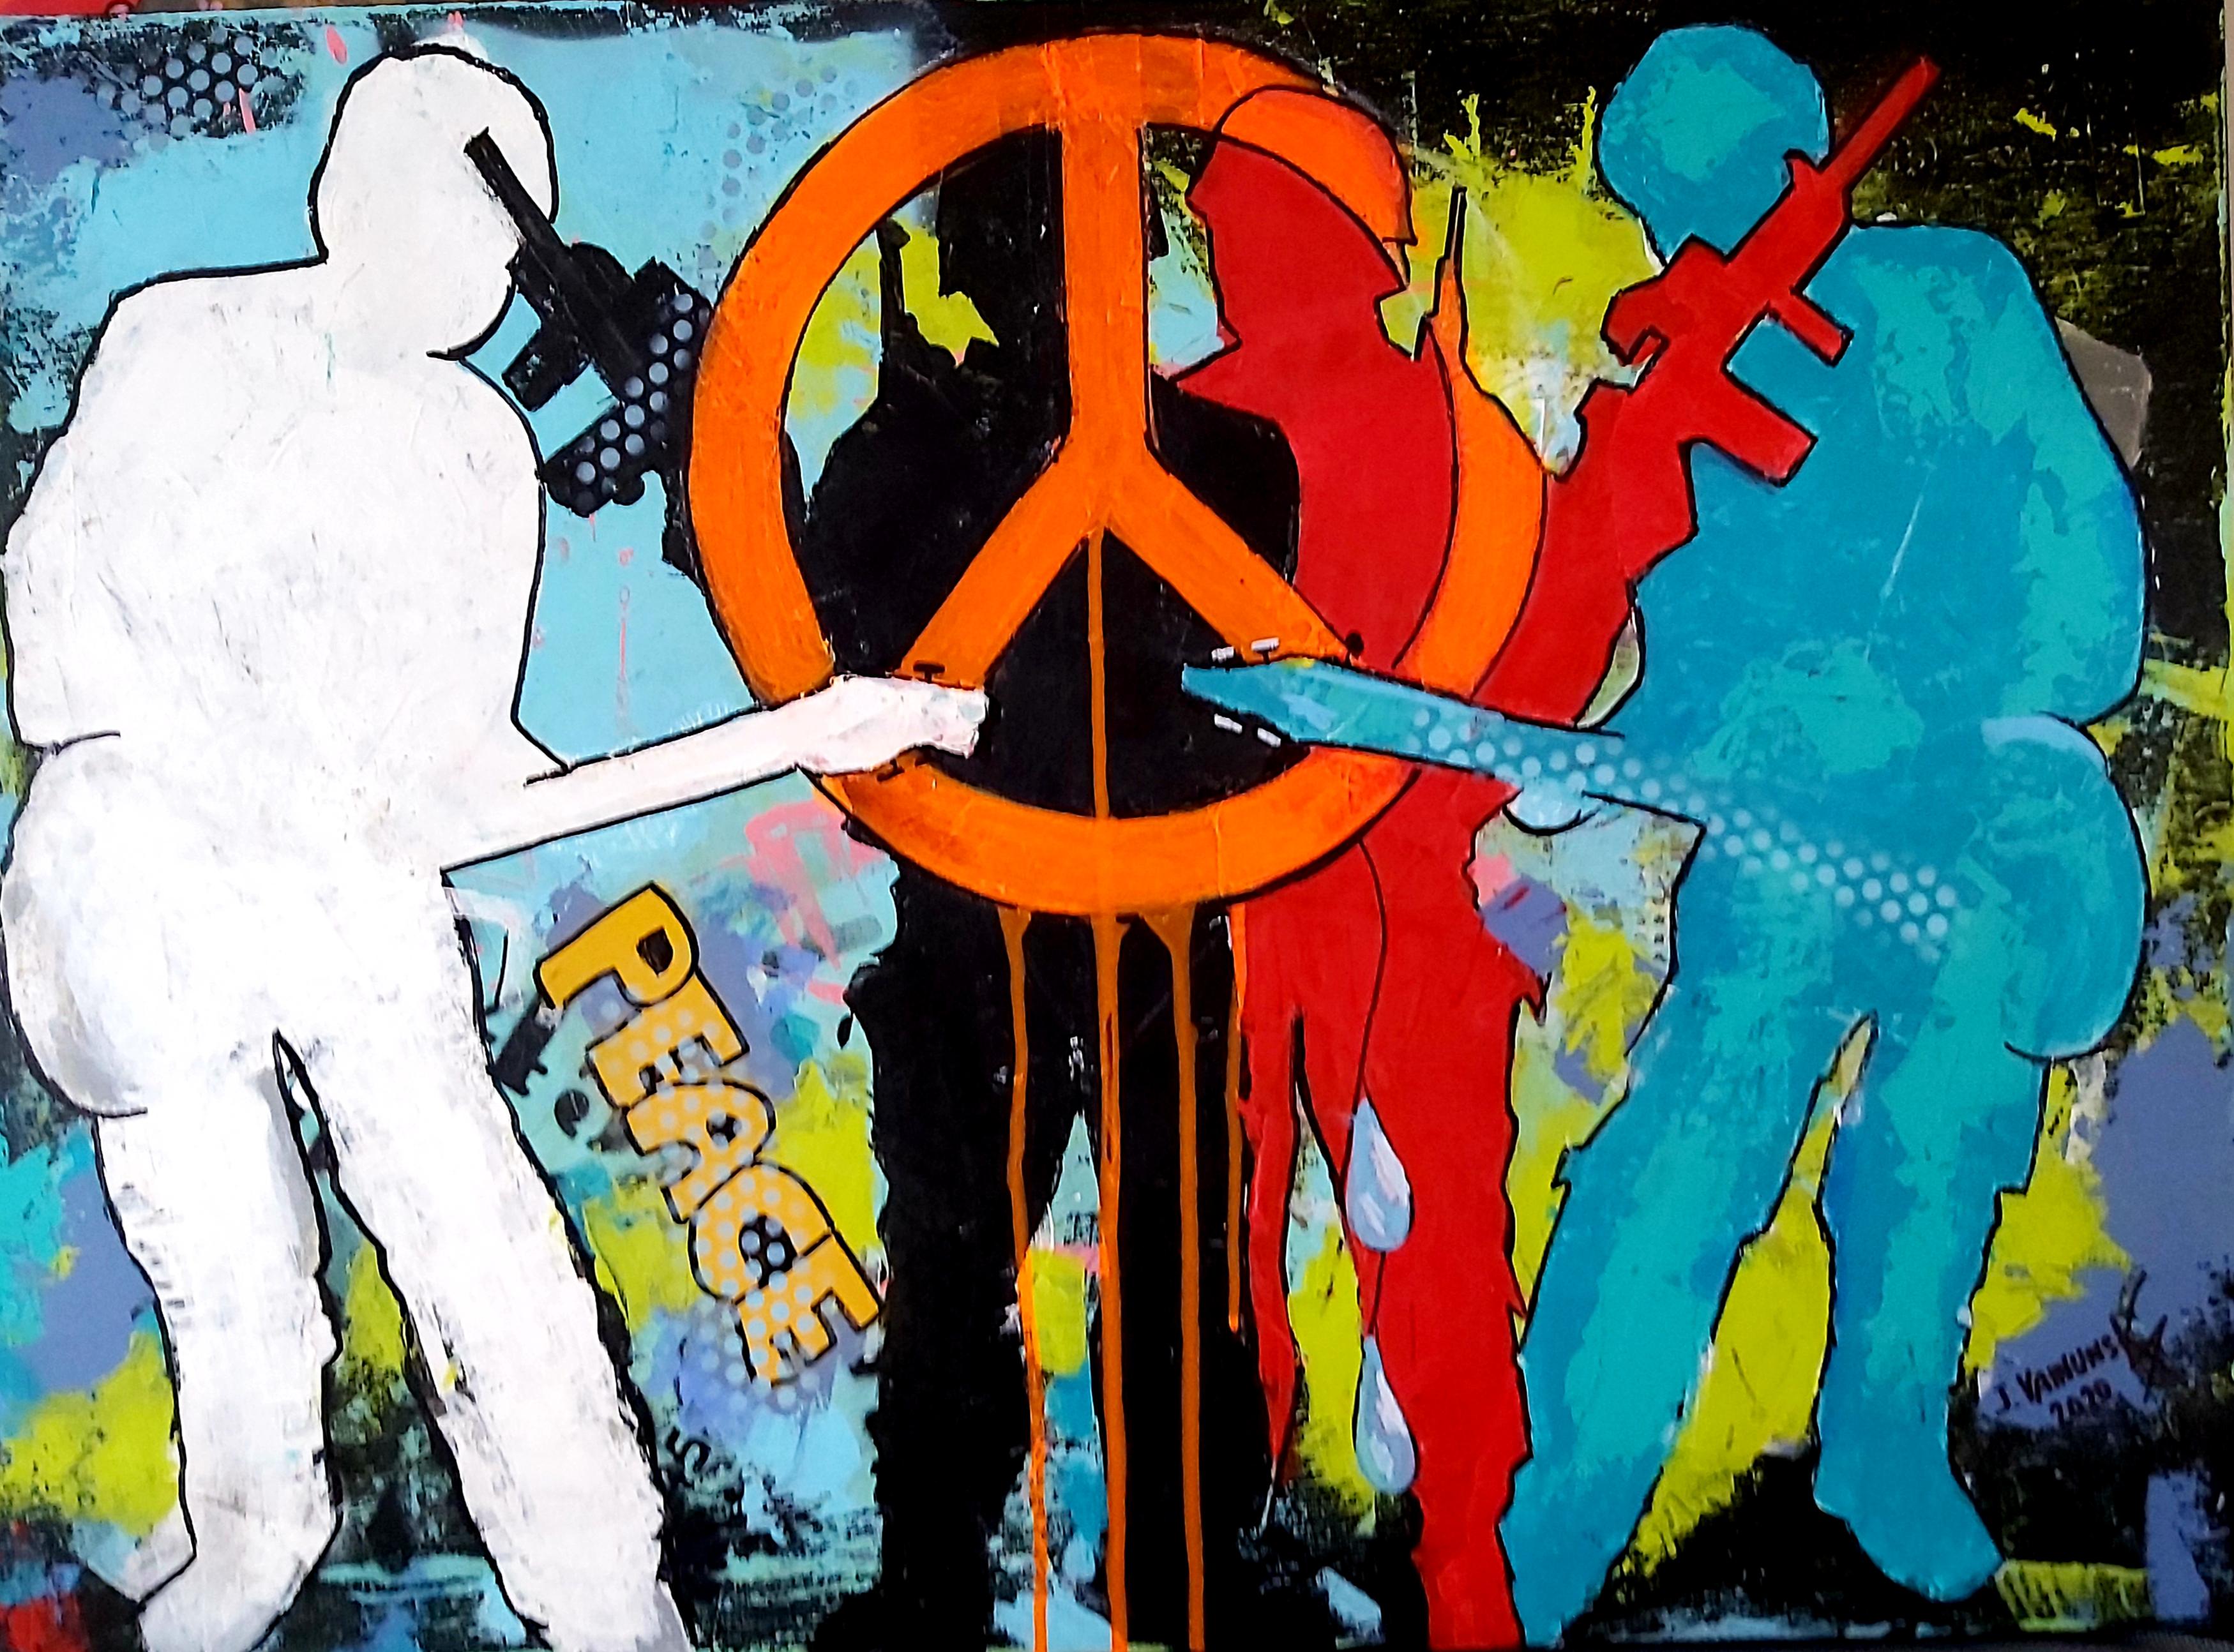 WAR & PEACE, Acrylic on canvas, 100 x 70